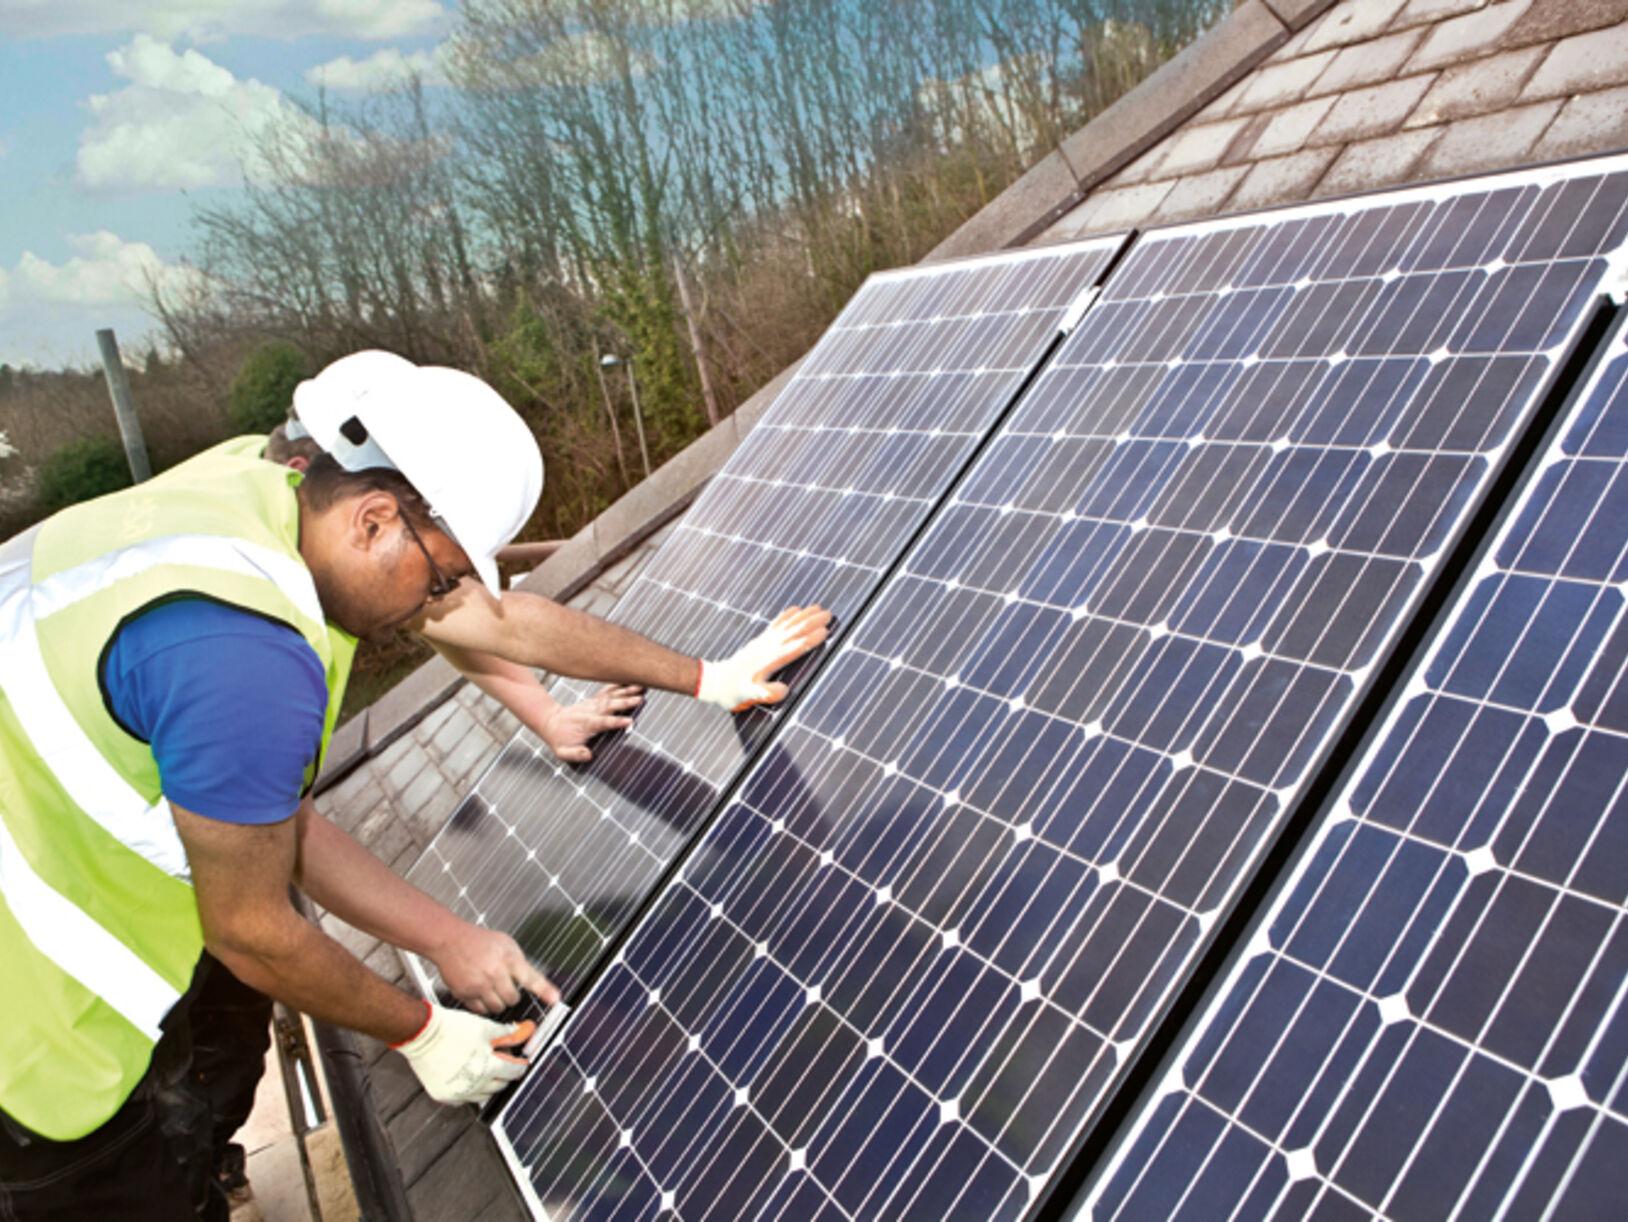 de installatie van zonnepanelen